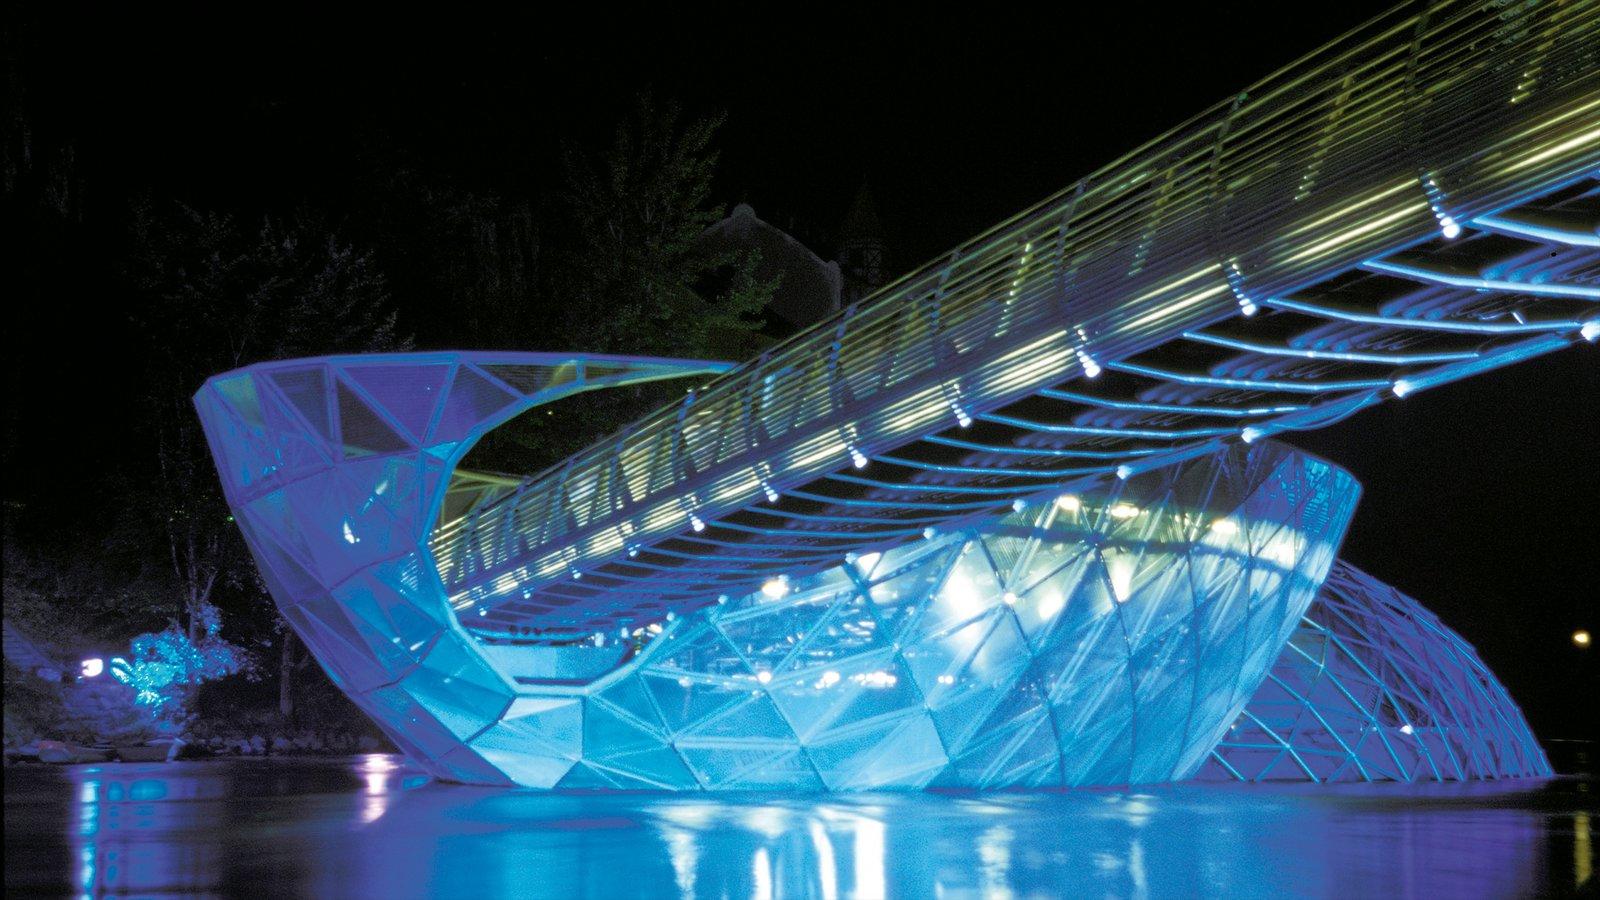 Graz ofreciendo un puente, escenas nocturnas y arquitectura moderna